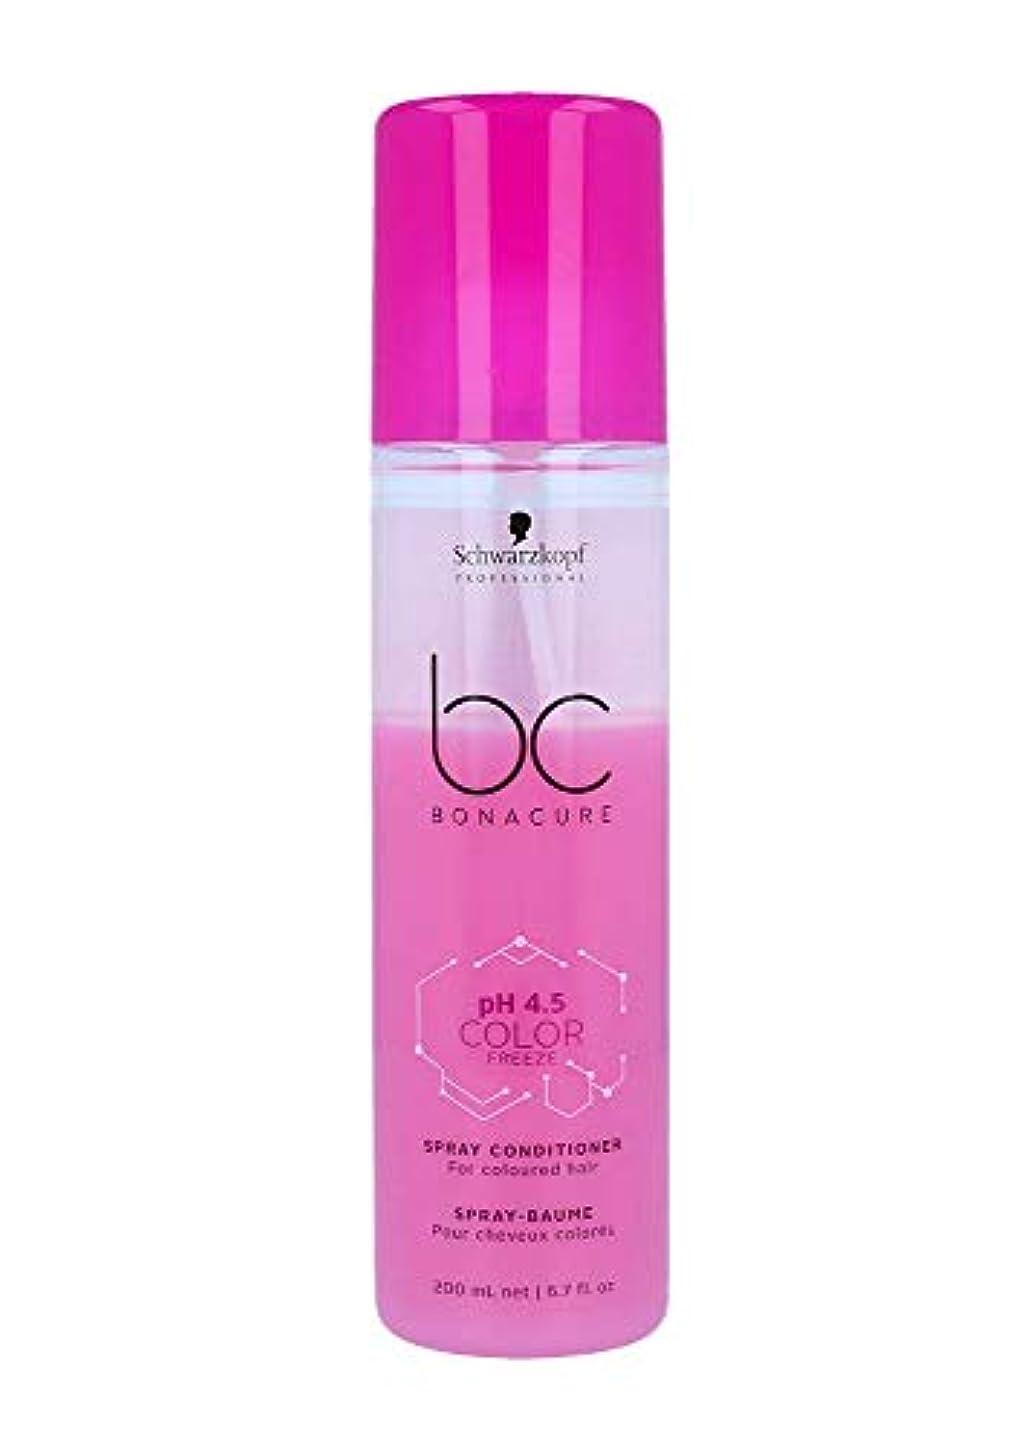 病な膨らみ空シュワルツコフ BC pH 4.5 カラー フリーズ スプレー コンディショナー Schwarzkopf BC Bonacure pH 4.5 Color Freeze Spray Conditioner For Coloured...